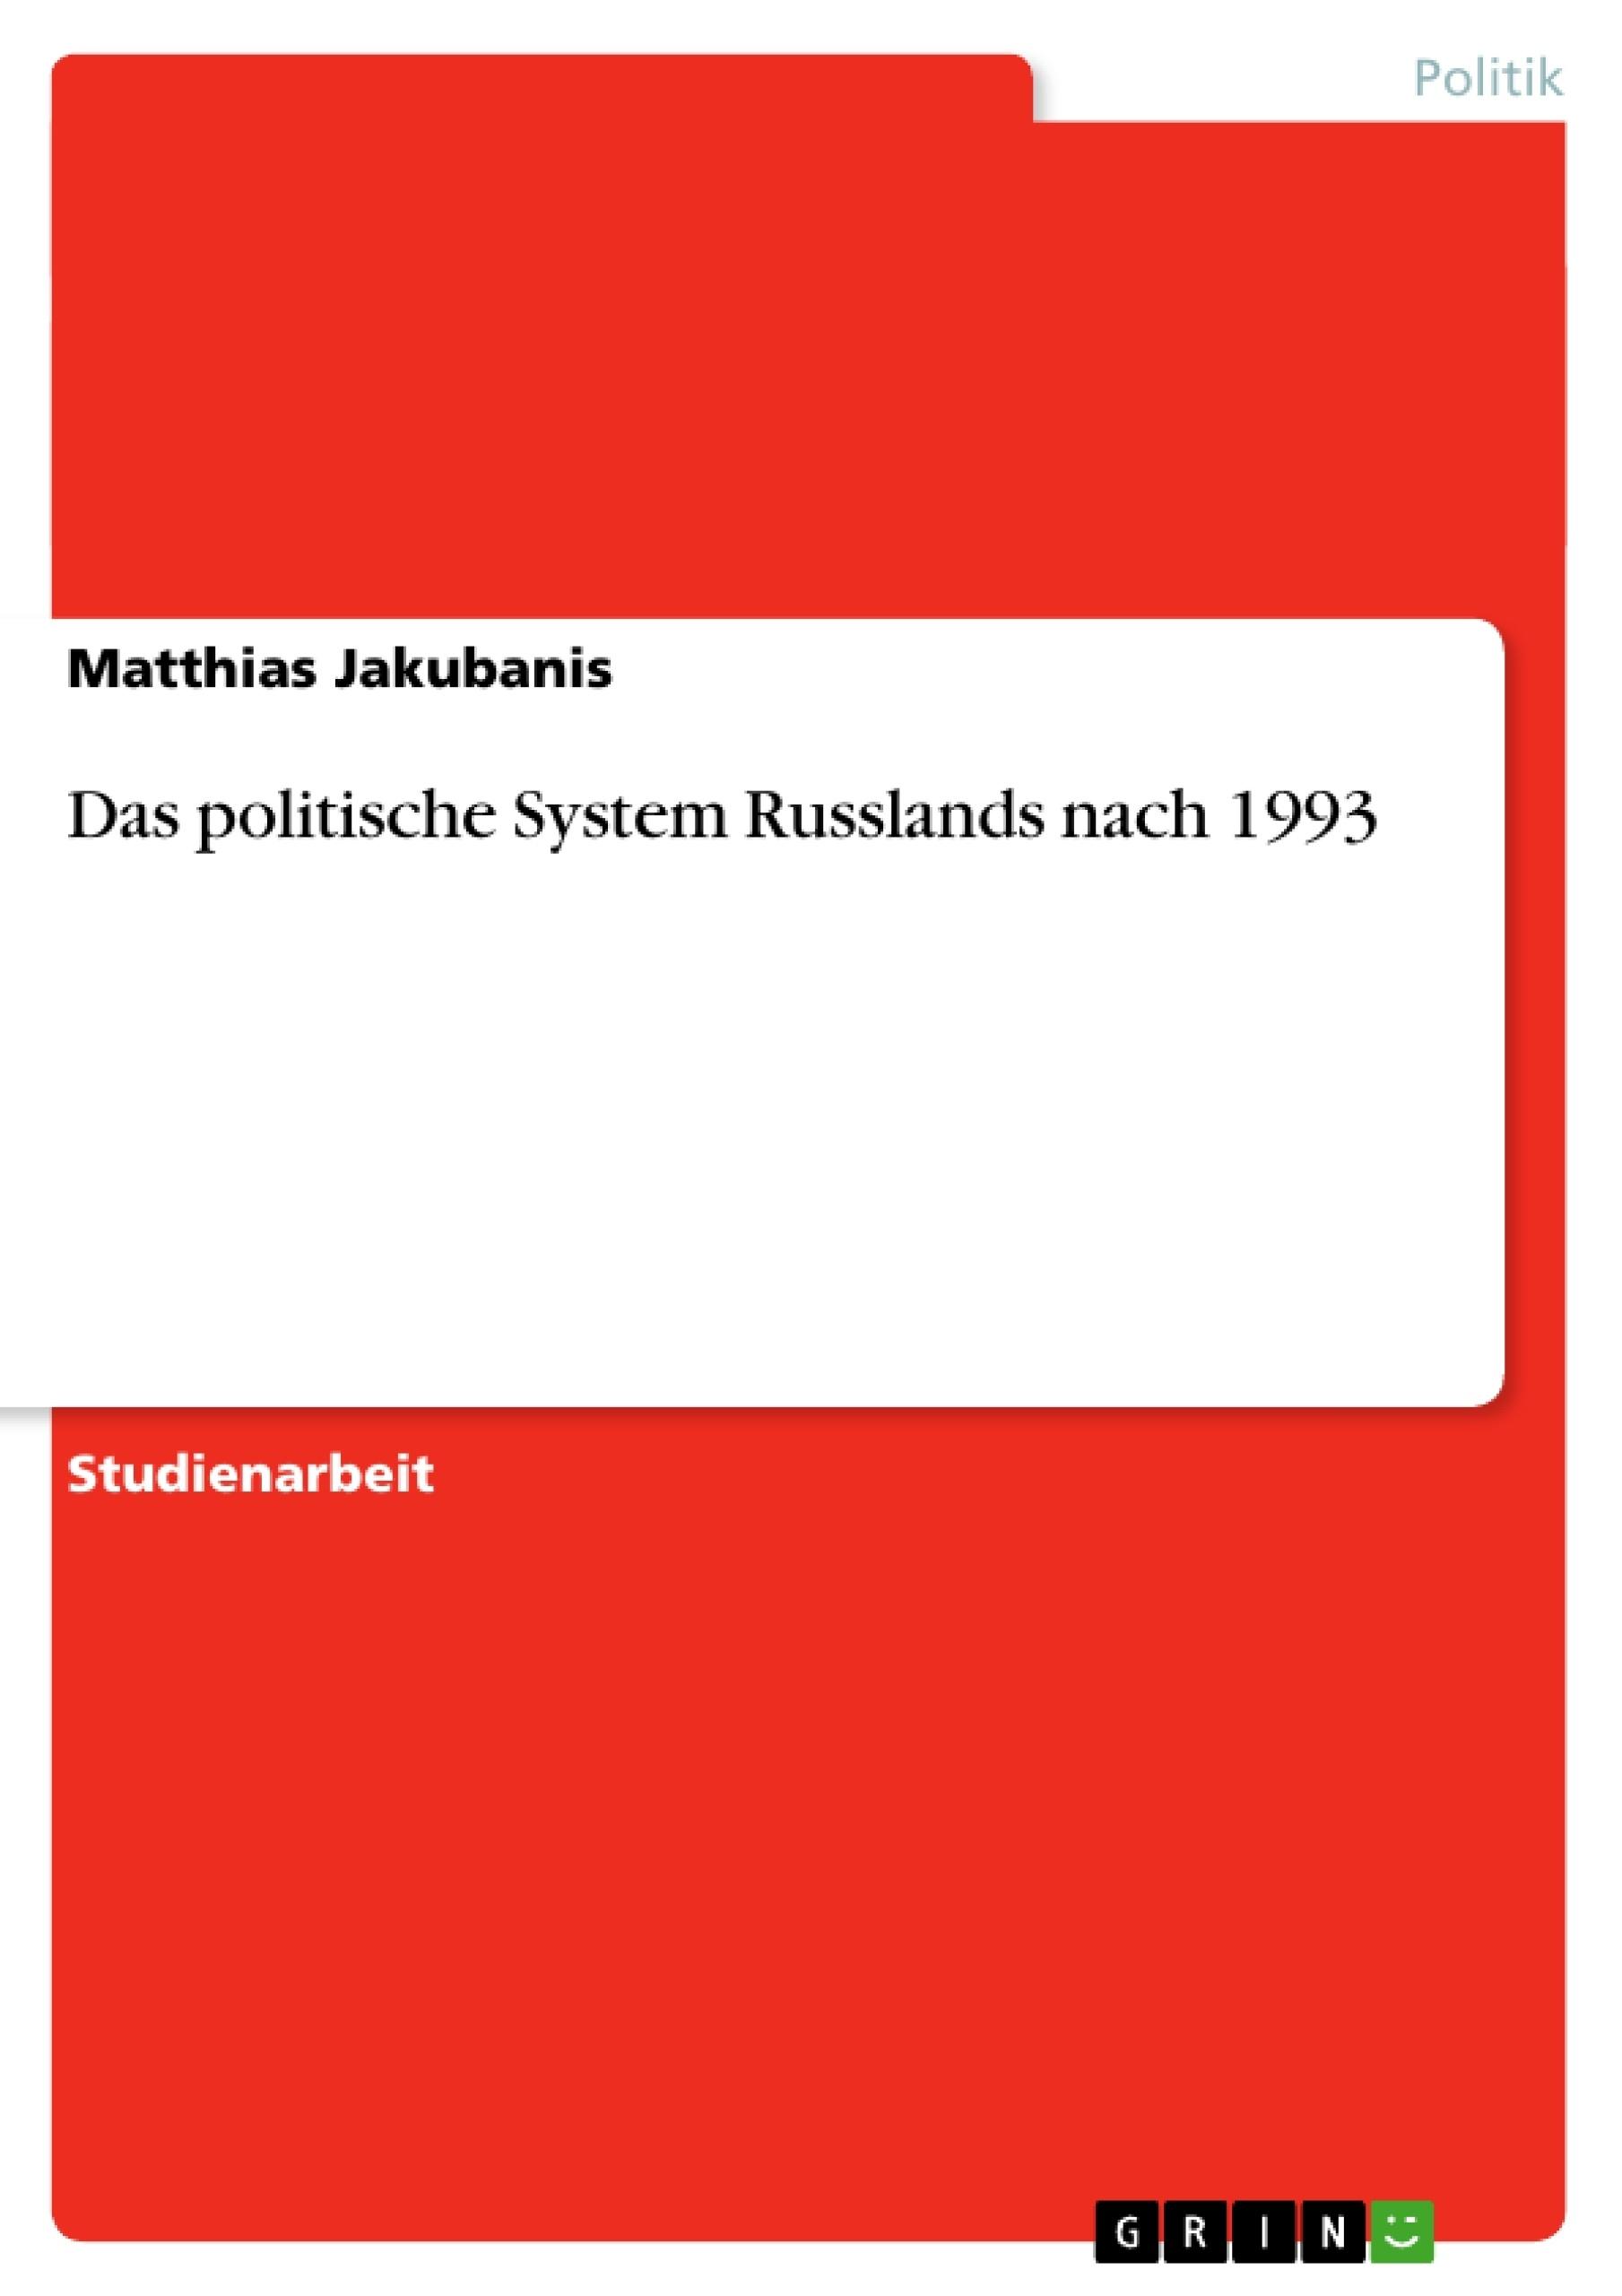 Titel: Das politische System Russlands nach 1993